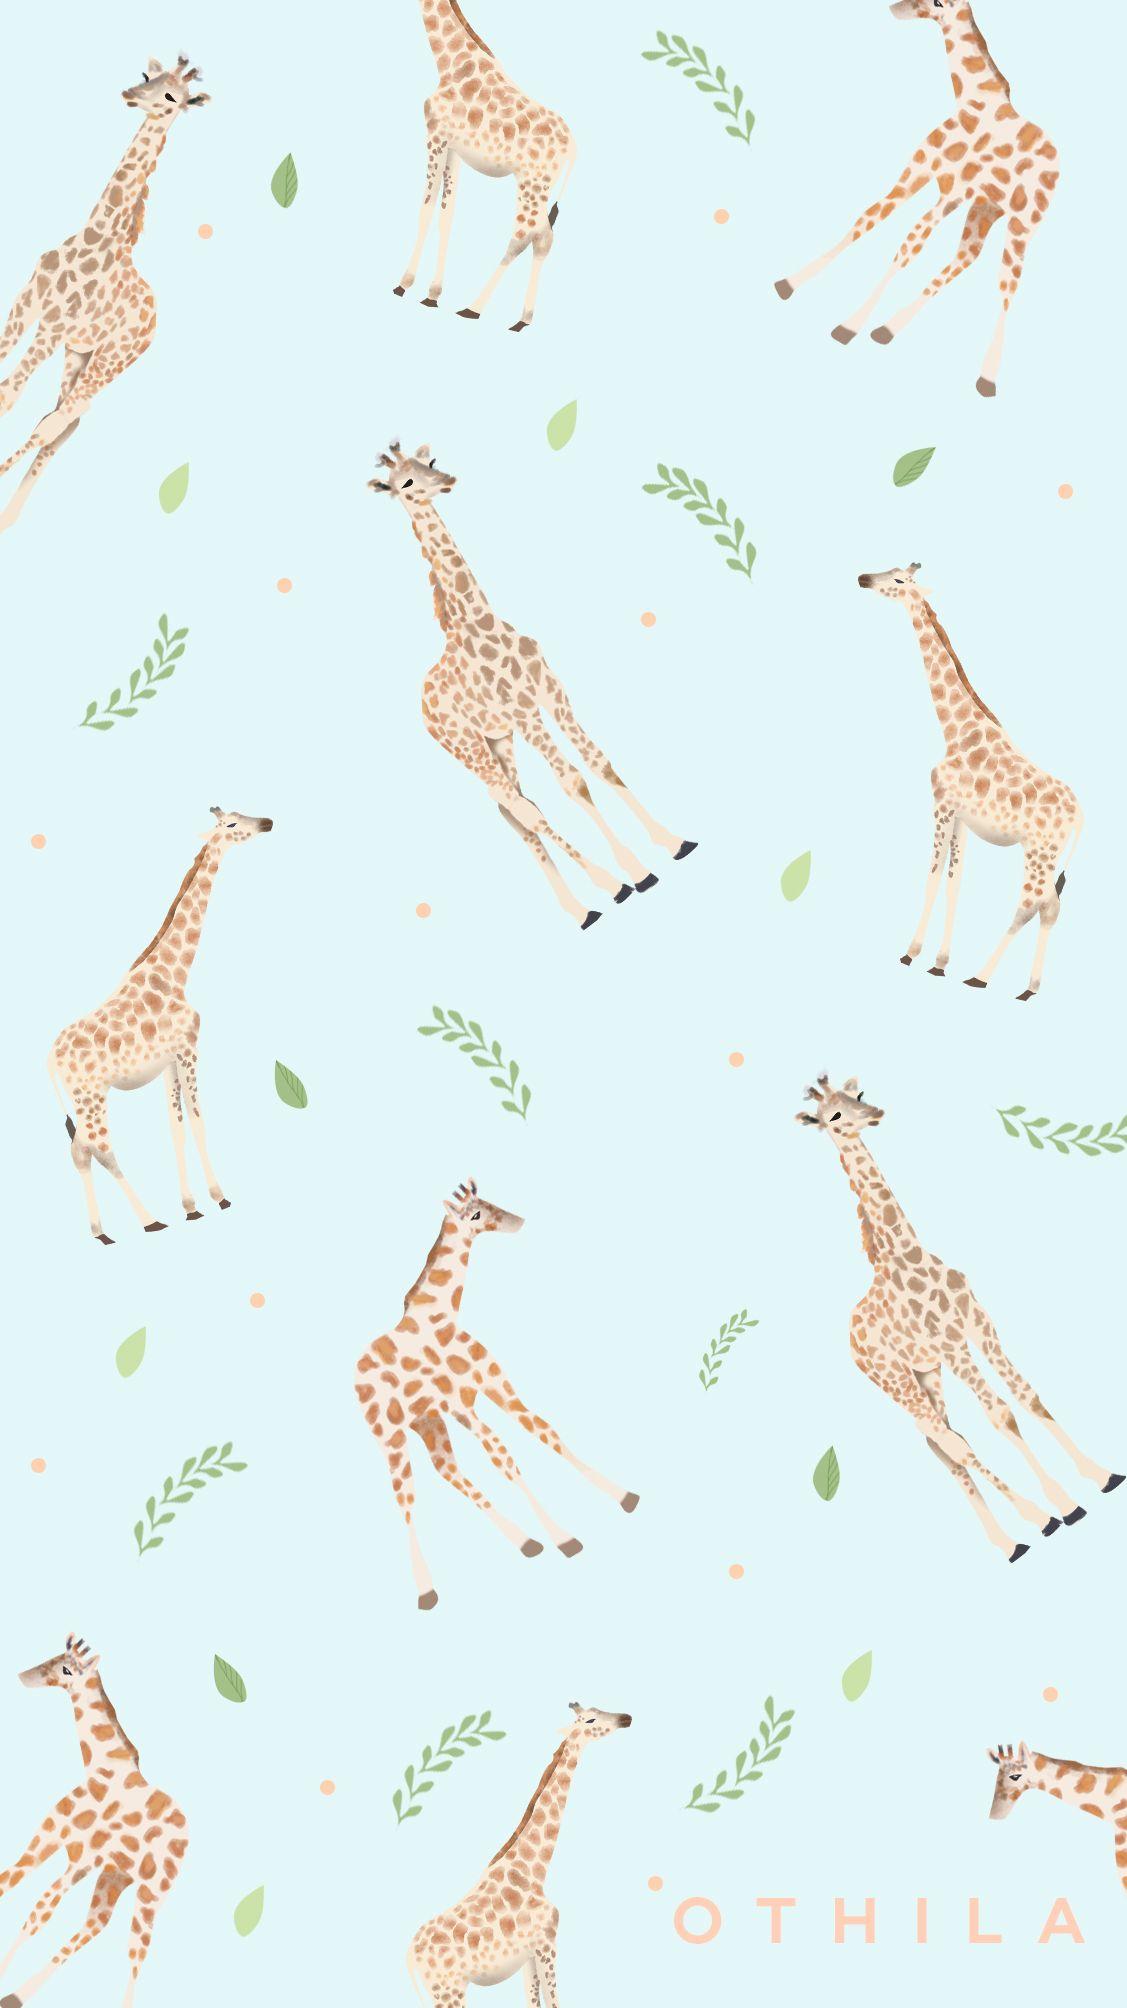 Giraffe Animals Flowers Nature Blue Wallpaper Design Phone Wallpaper Patterns Graphic Wallpaper Apple Watch Wallpaper